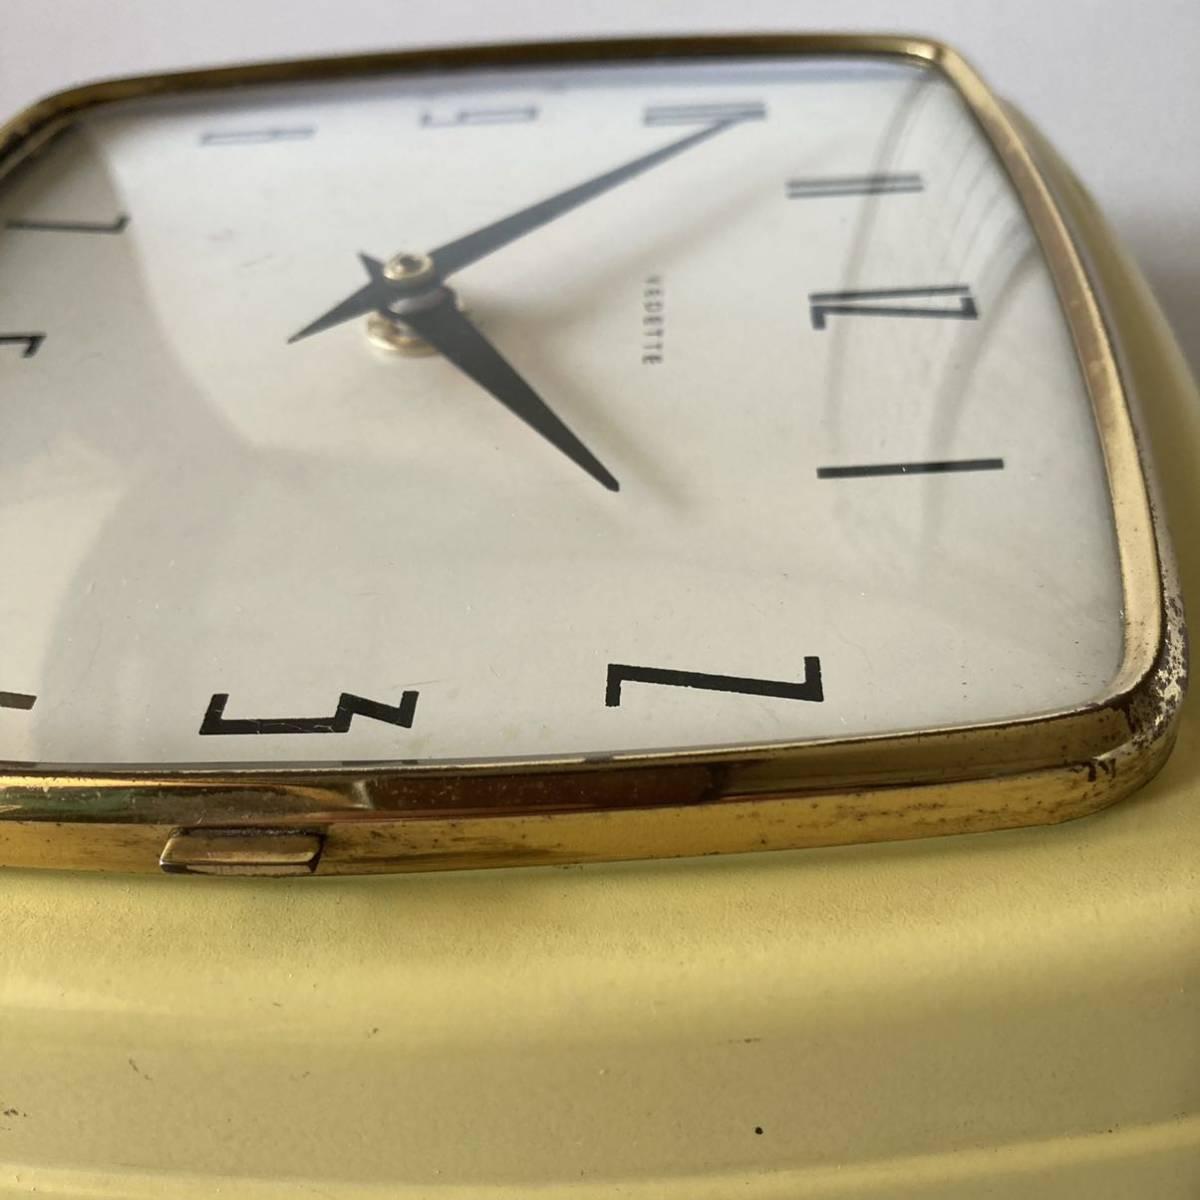 フランス ヴィンテージ ウォールクロック ミッドセンチュリー インテリア ディスプレイ 店舗什器 掛け時計 デザイン_画像9